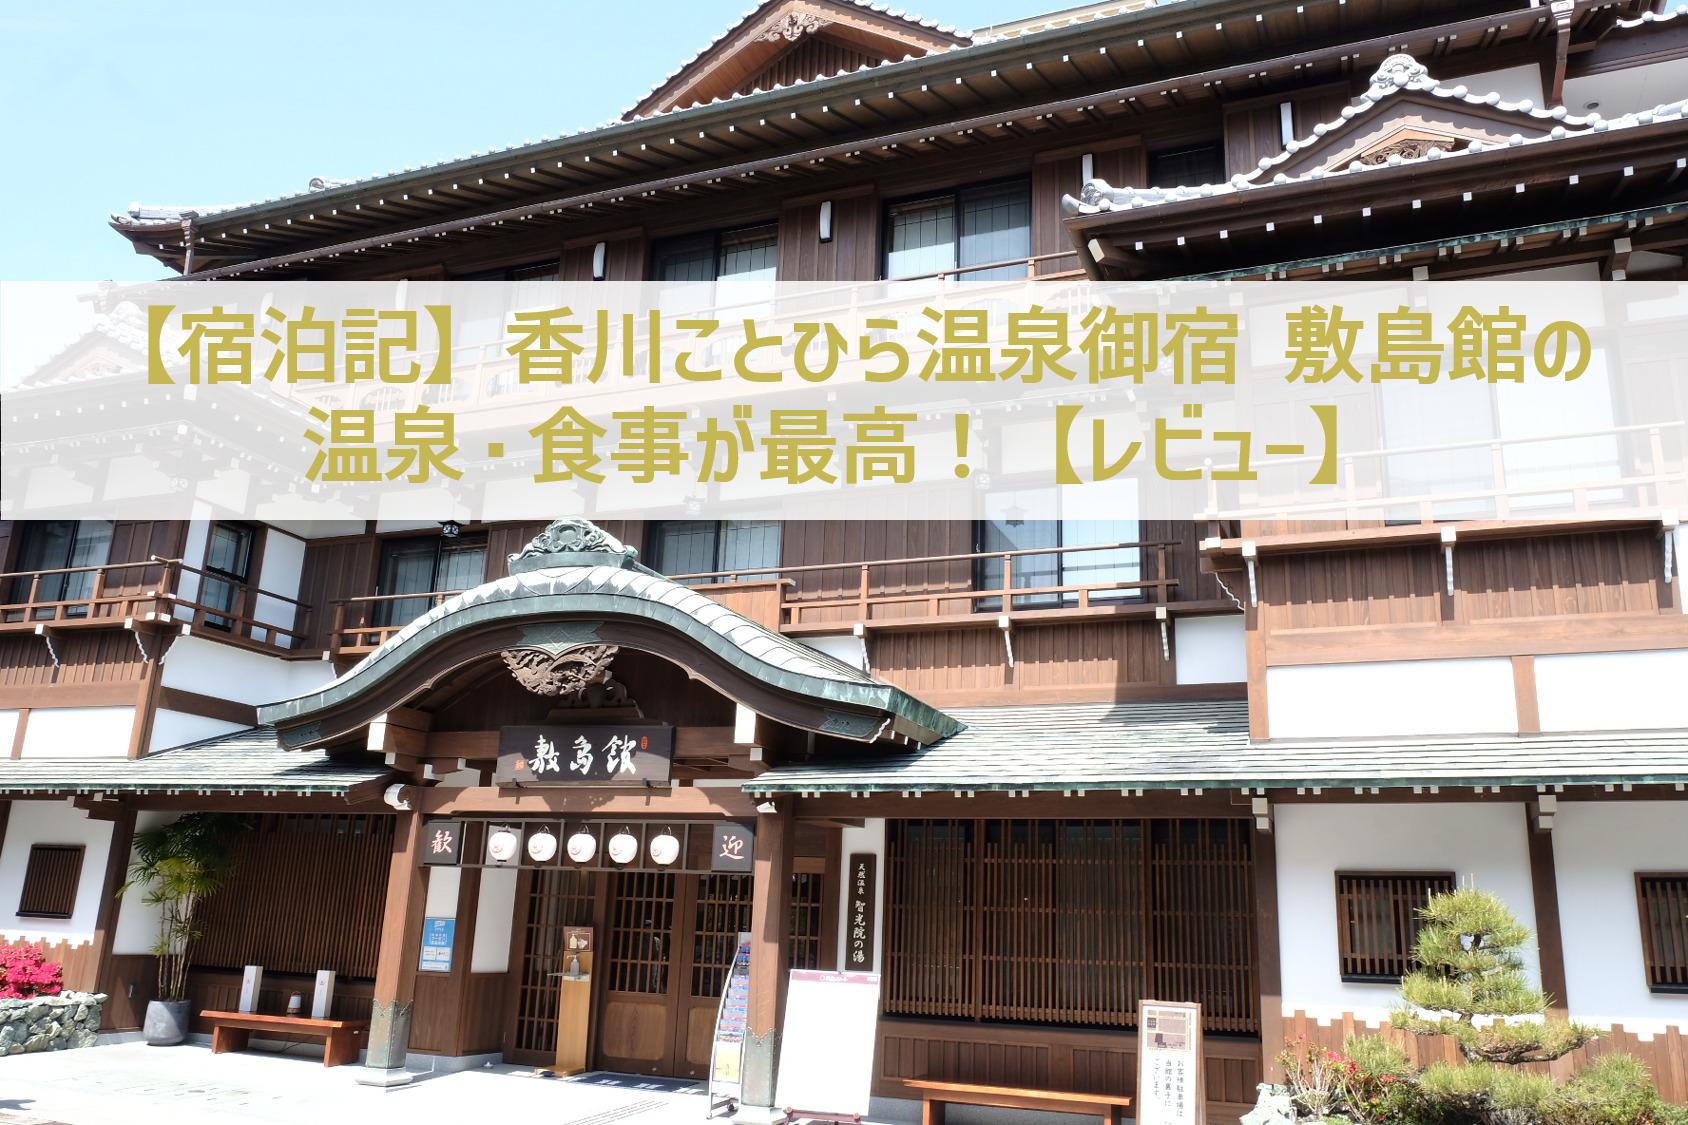 【宿泊記】香川ことひら温泉御宿 敷島館の温泉・食事が最高!【レビュー】